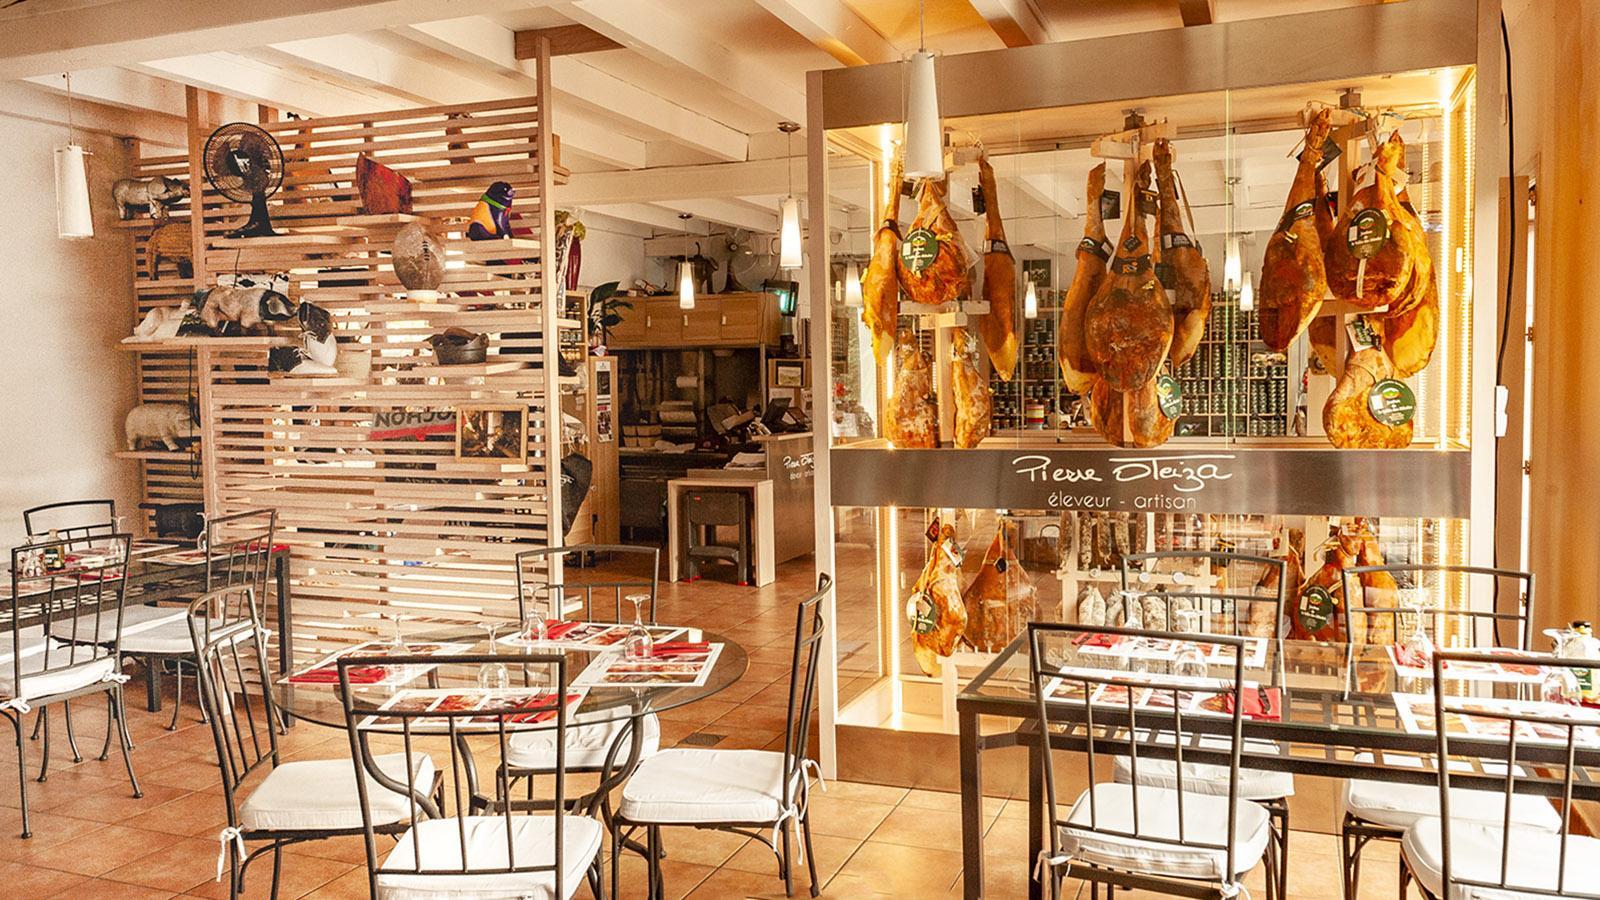 Schlemmerparadies rund ums Kintoa-Schwein und von lokalen Erzeuger: die Boutique von Pierre Oteiza. Foto: Hilke Maunder